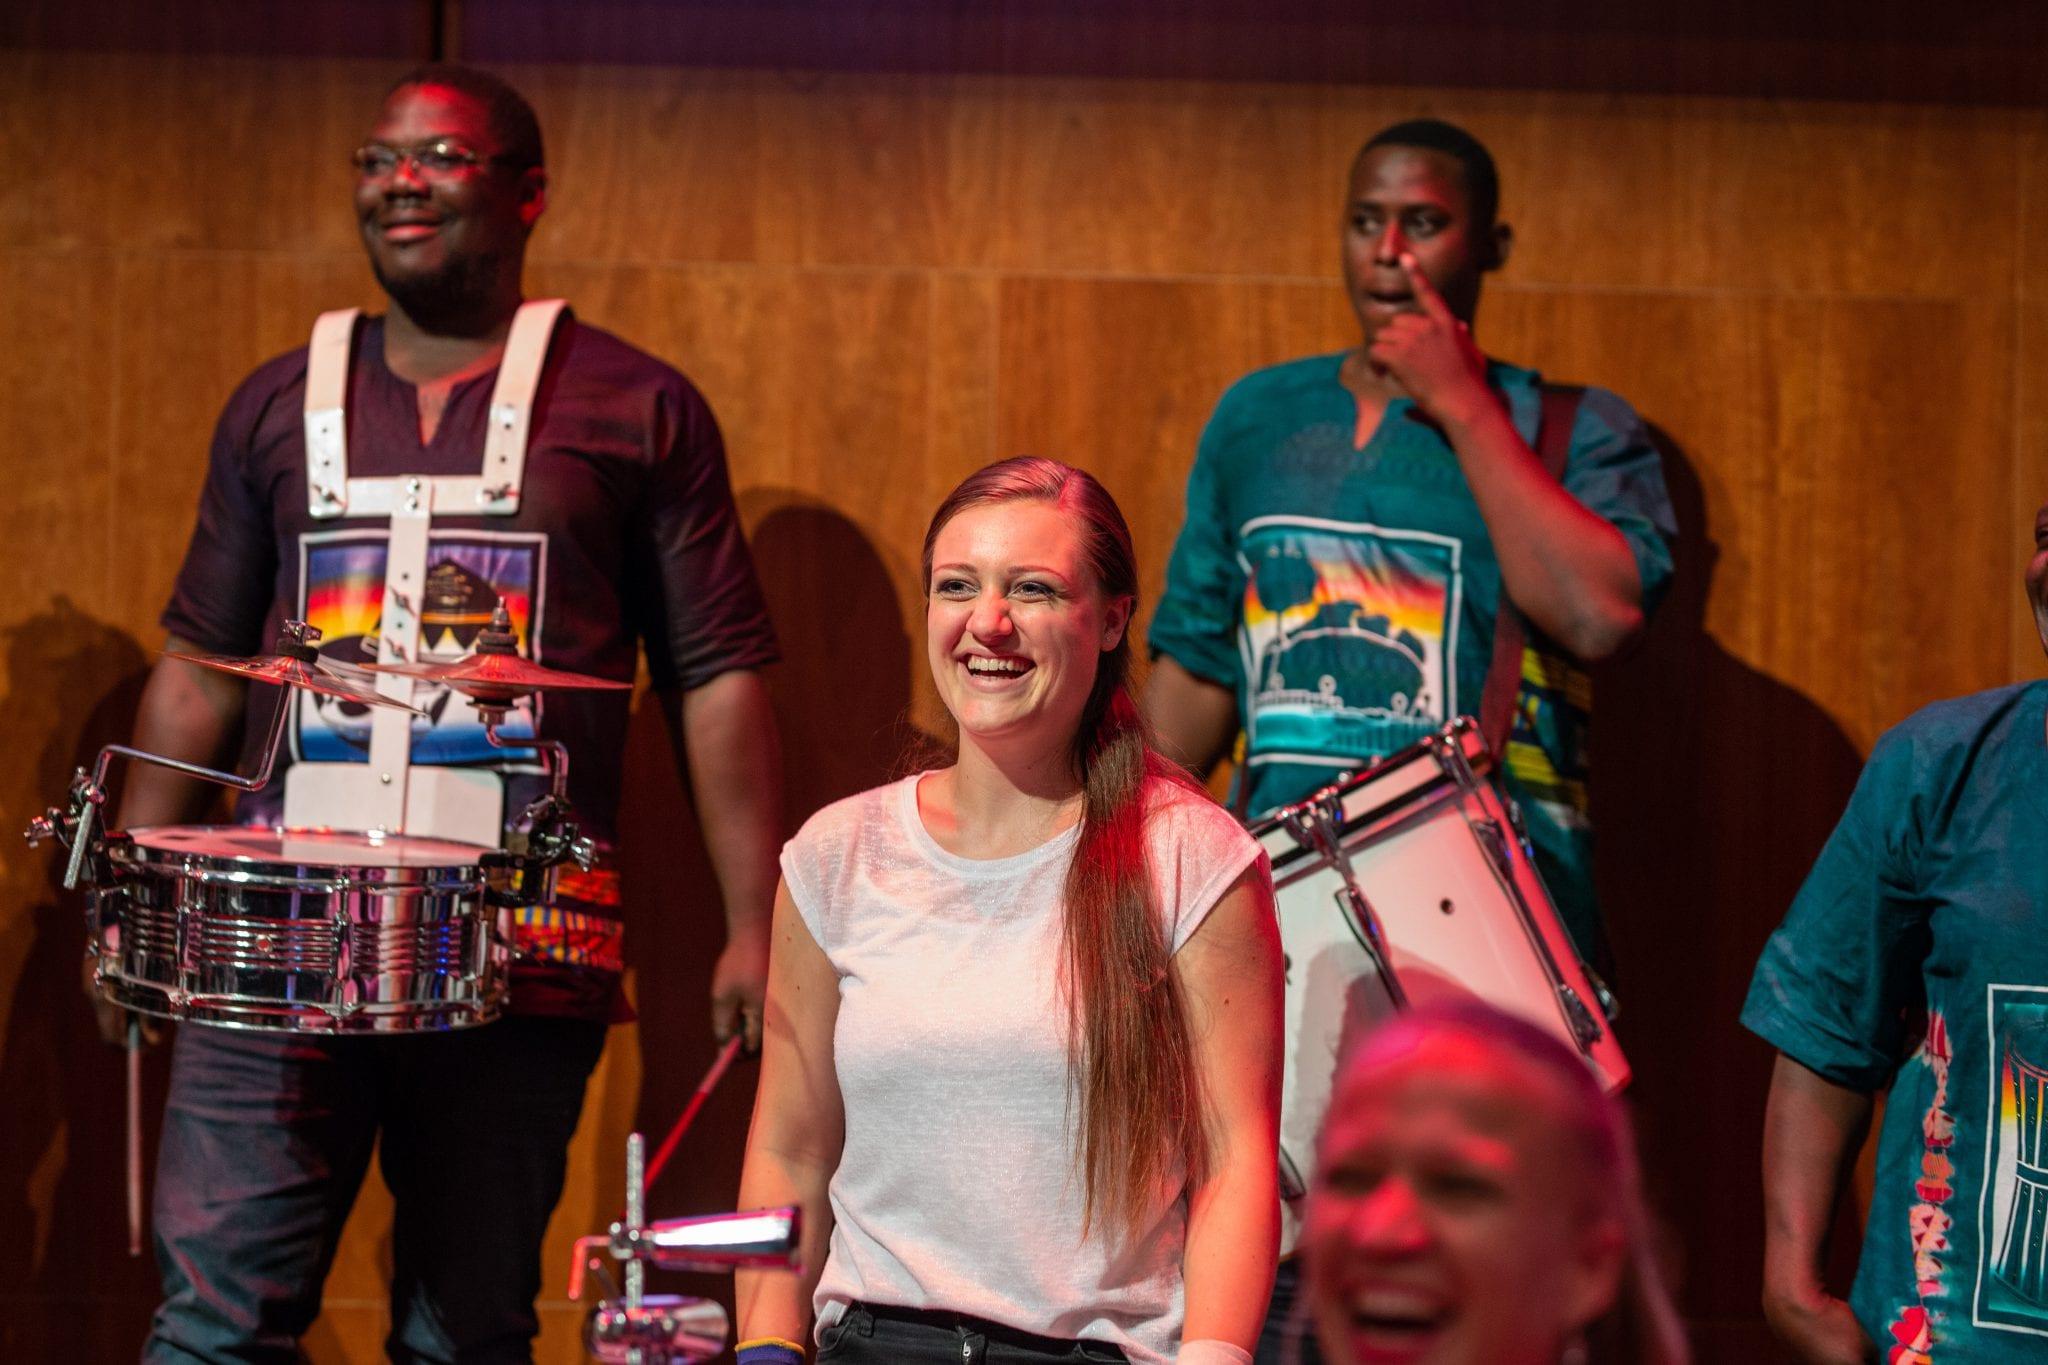 Catching Cultures Orchestra ontvangt 11 november 2018 de Pluim van Sint Maarten